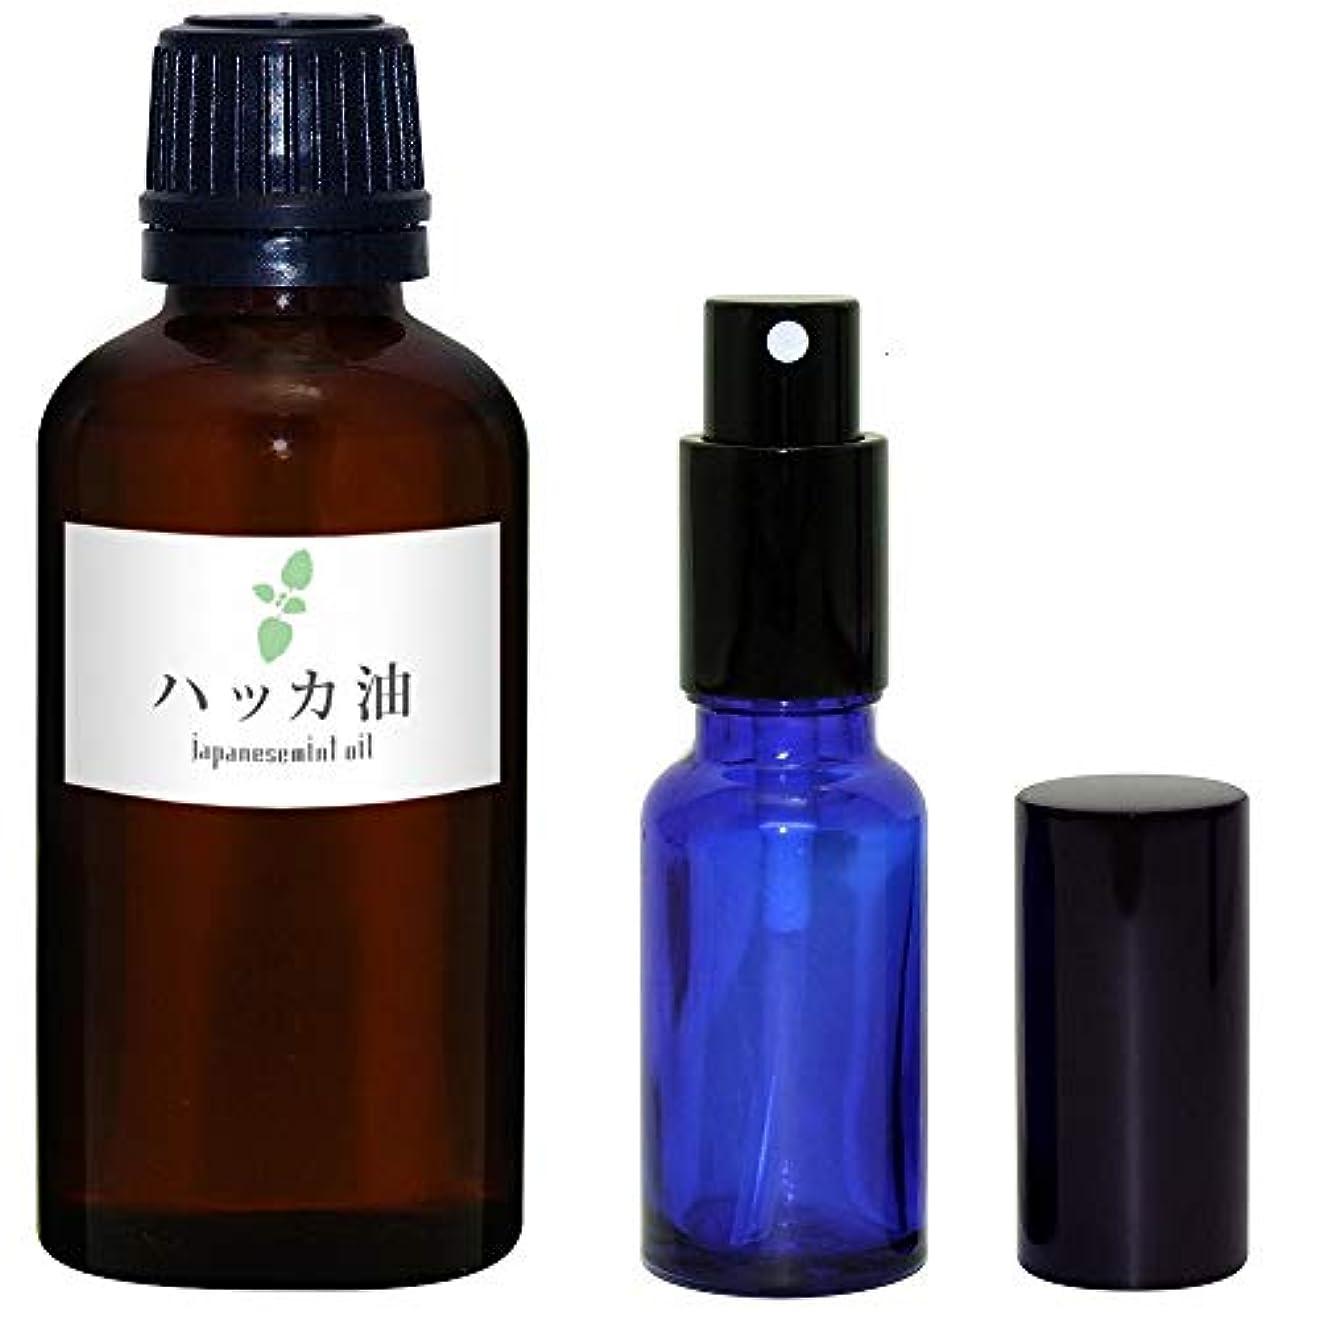 くすぐったい関連する刺すガレージ?ゼロ ハッカ油 50ml(GZAK15)+ガラス瓶 スプレーボトル20ml/和種薄荷/ジャパニーズミント GSE535